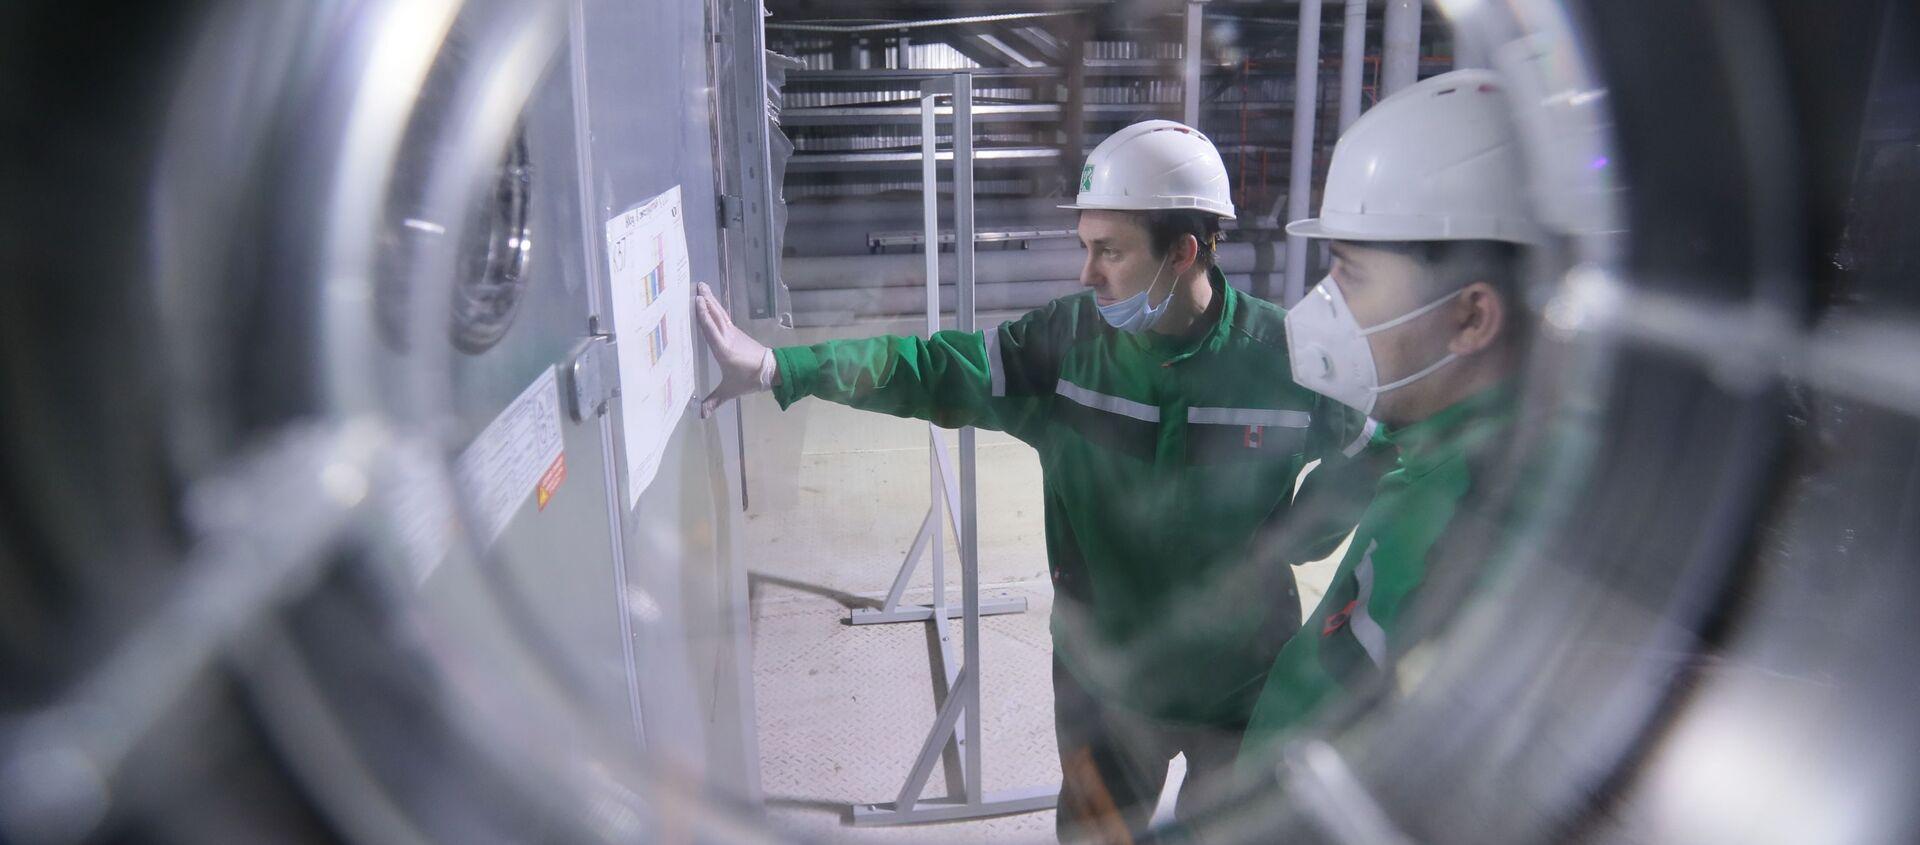 """Pracownicy w trakcie dostosowywania sprzętu i przygotowania przedsiębiorstwa """"R-Pharm"""" w Moskwie do produkcji szczepionki przeciwko COVID-19 - Sputnik Polska, 1920, 01.03.2021"""